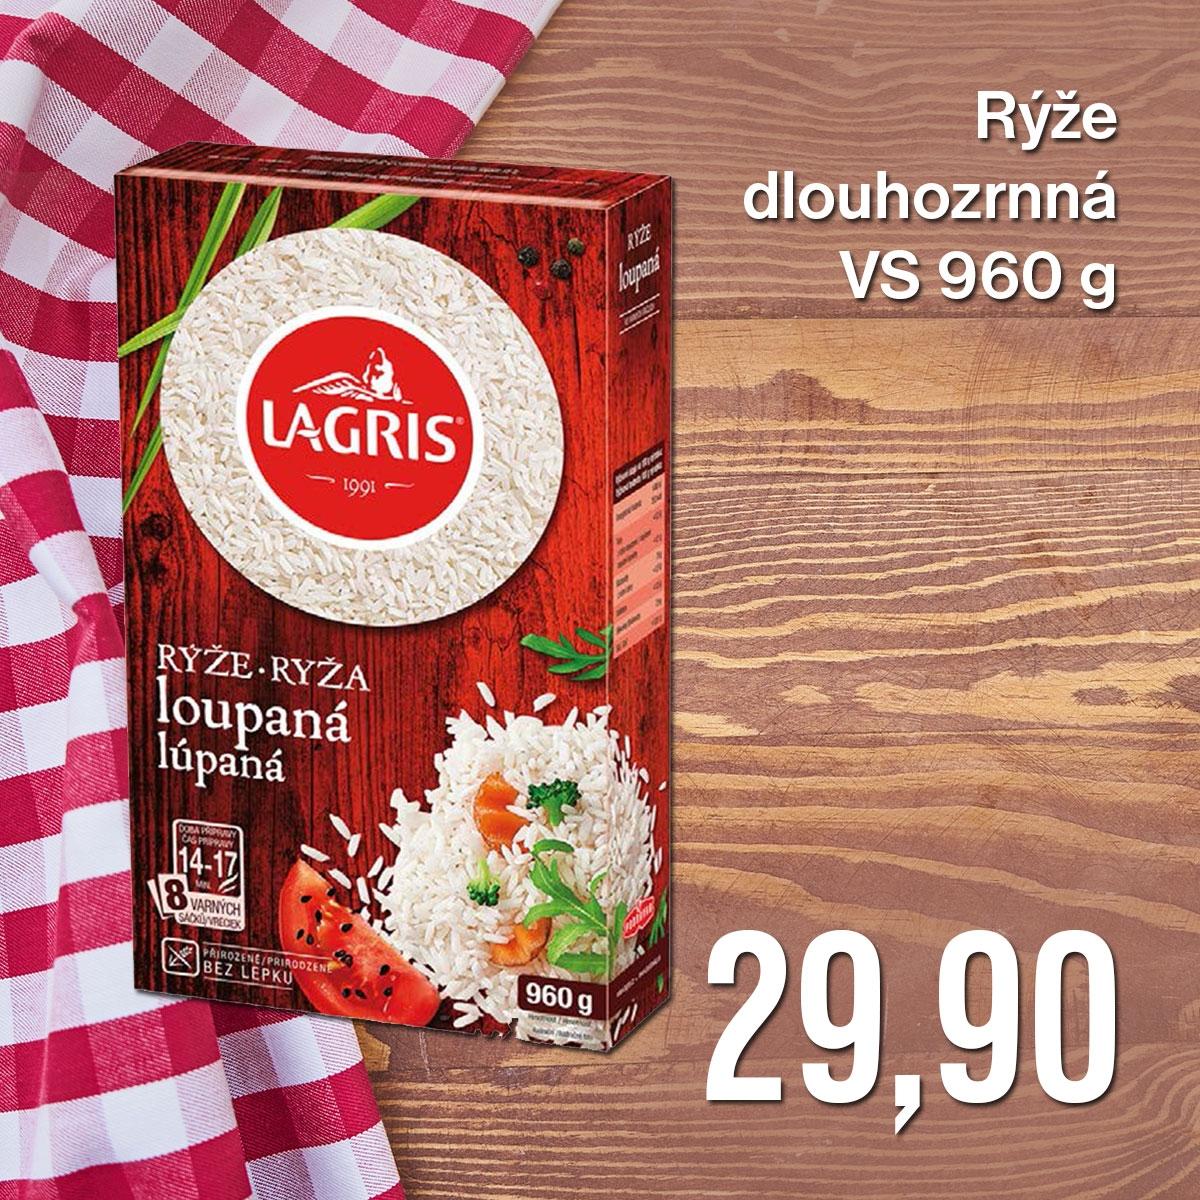 Rýže dlouhozrnná VS 960 g